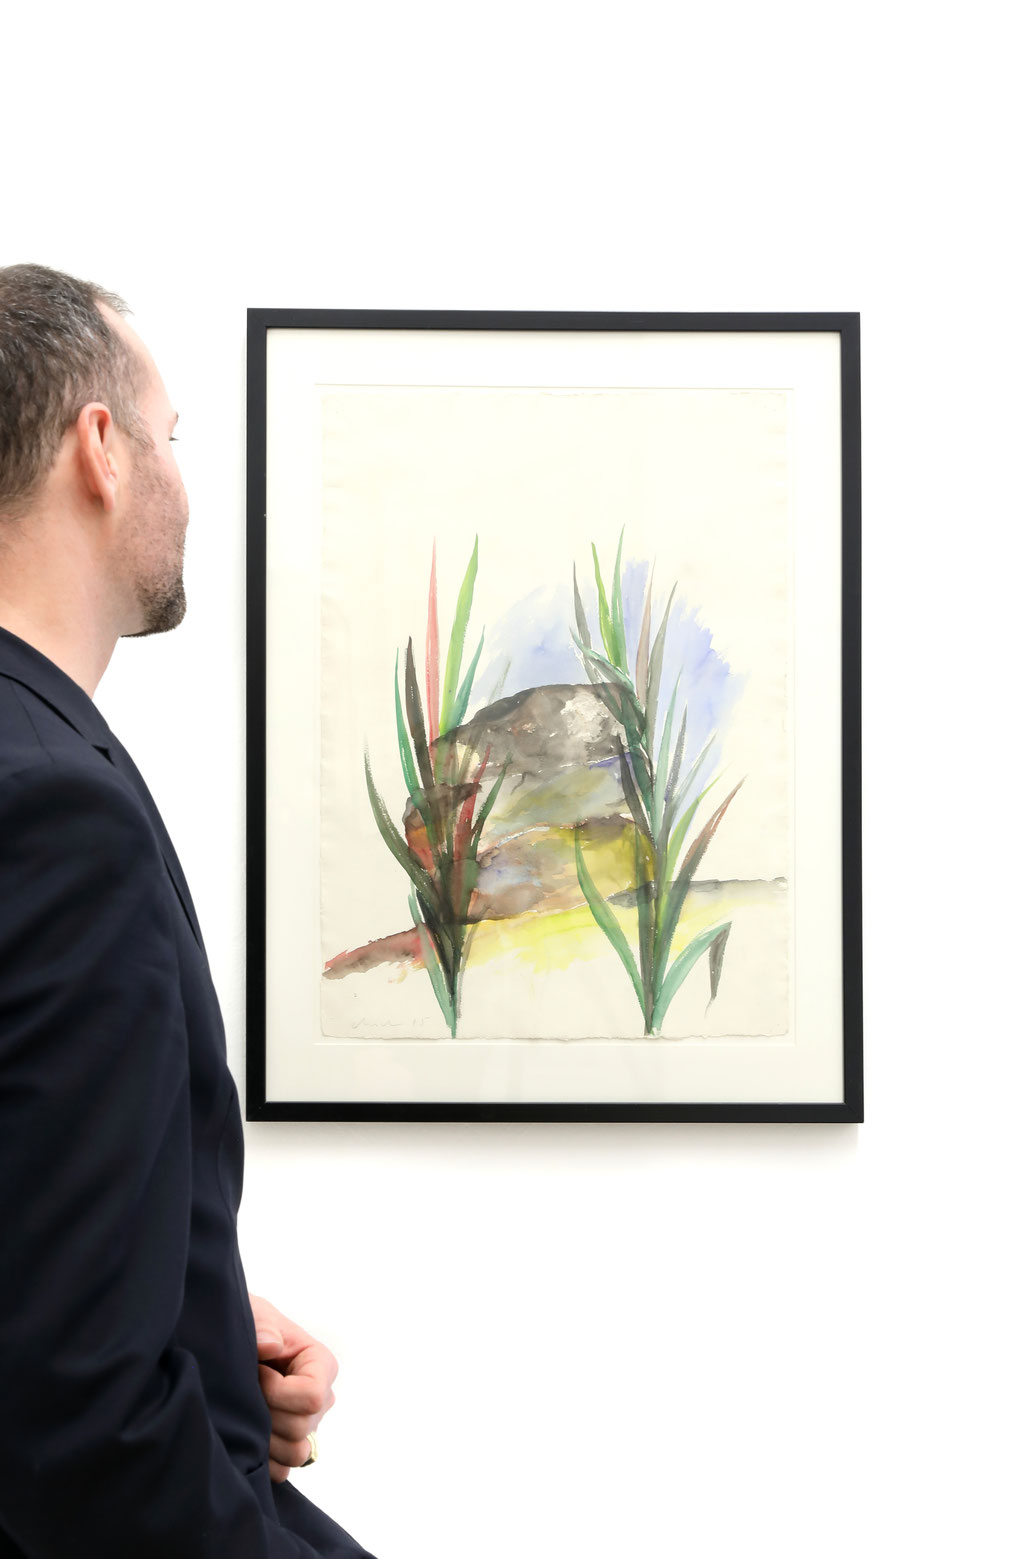 Alois Mosbacher Kunst artwork im Shop zu kaufen.